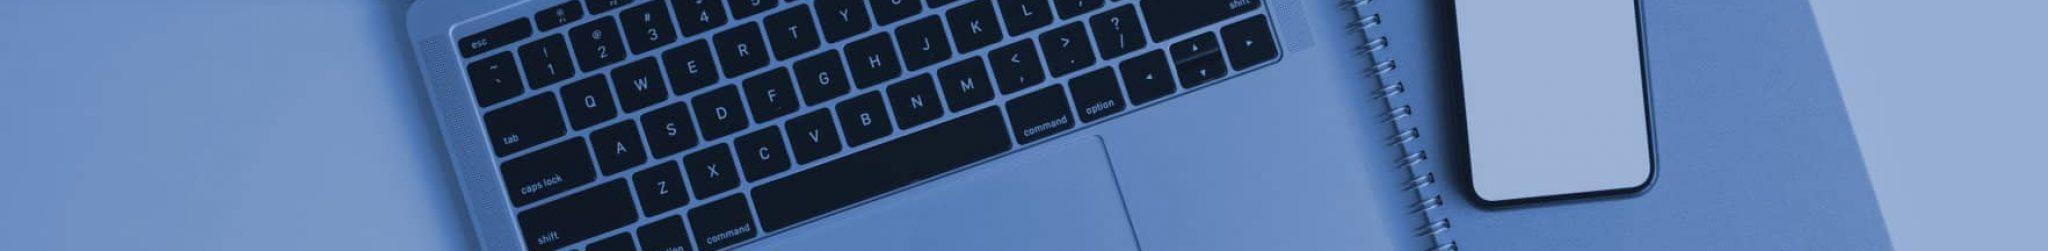 Macbook mit Smartphone und Kaffeetasse daneben.